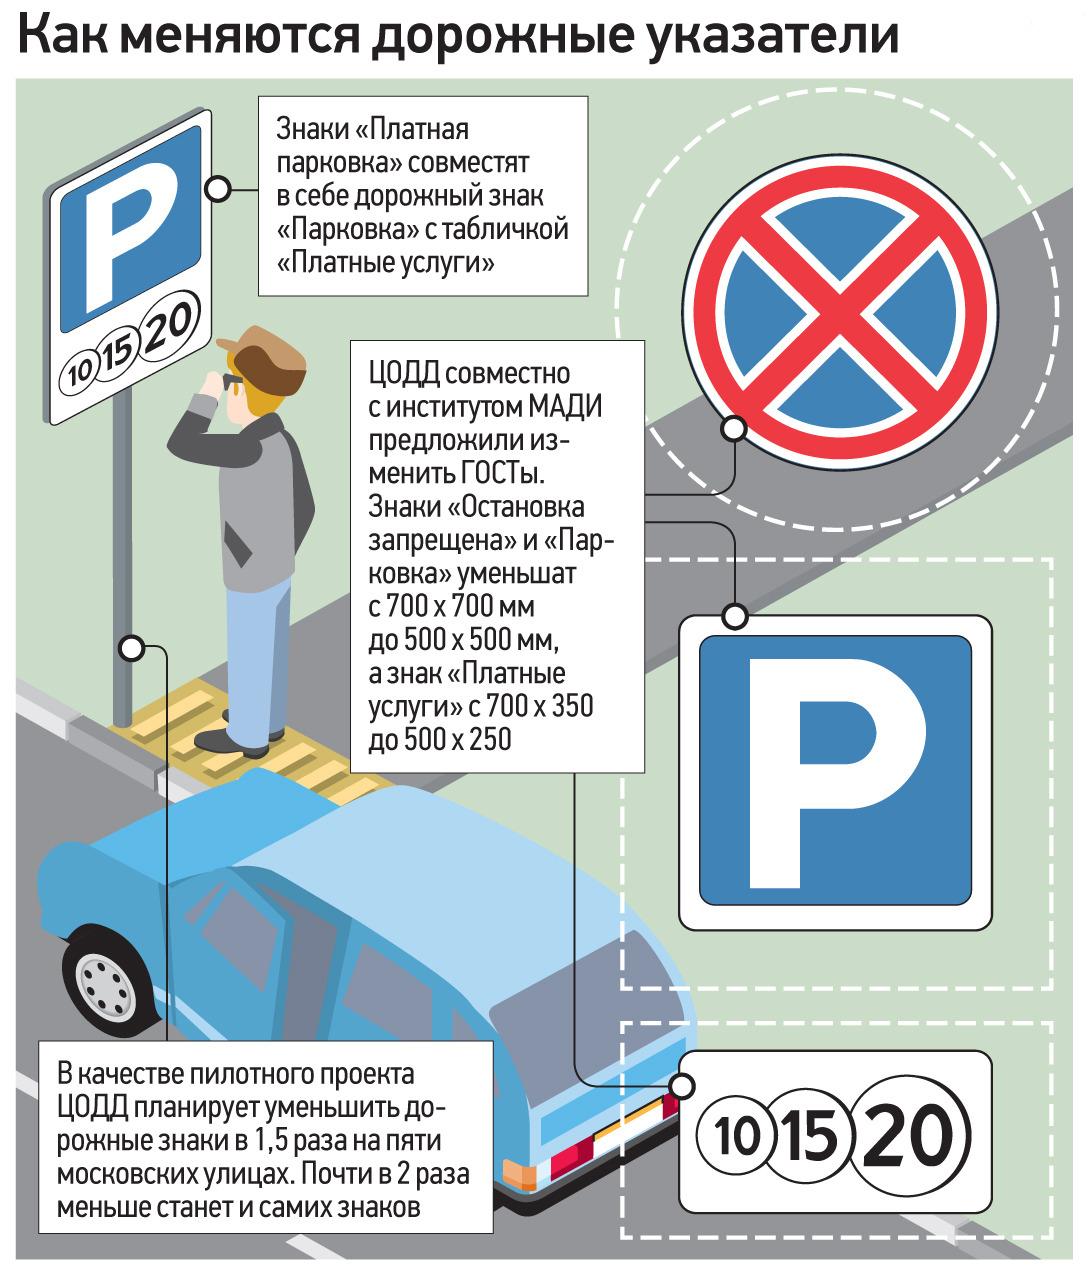 Реформы дорожных знаков: Готовим зрение к  миниатюрам